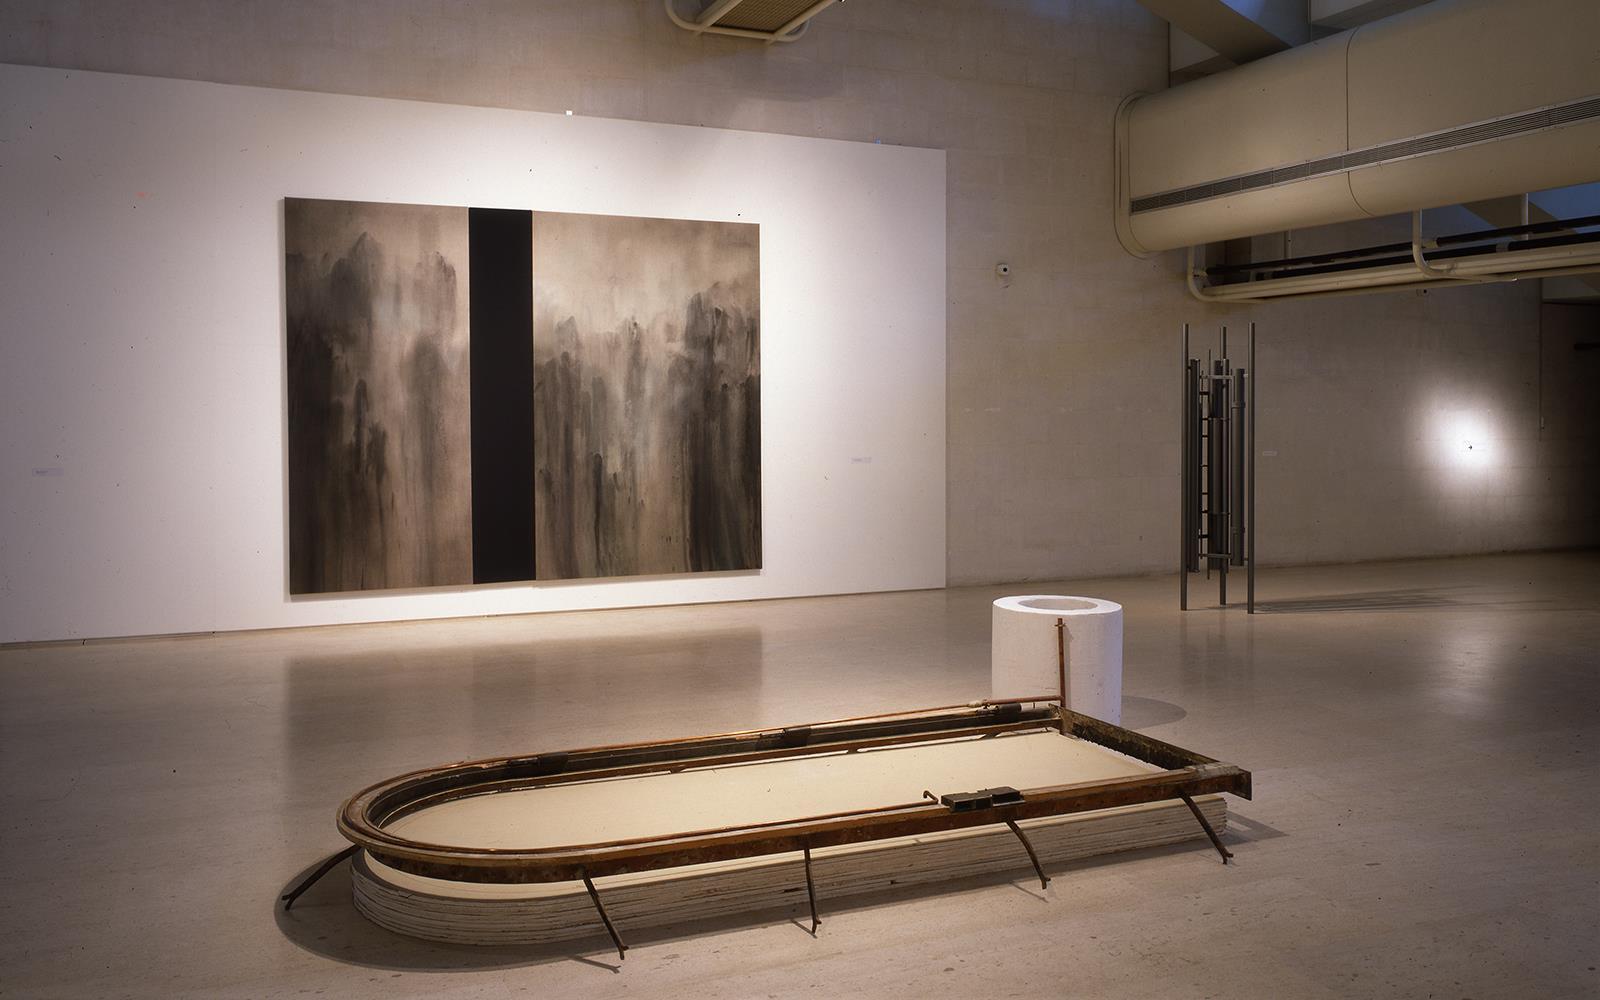 Mostra da Colecção CAMJAP, 1997 – 2001